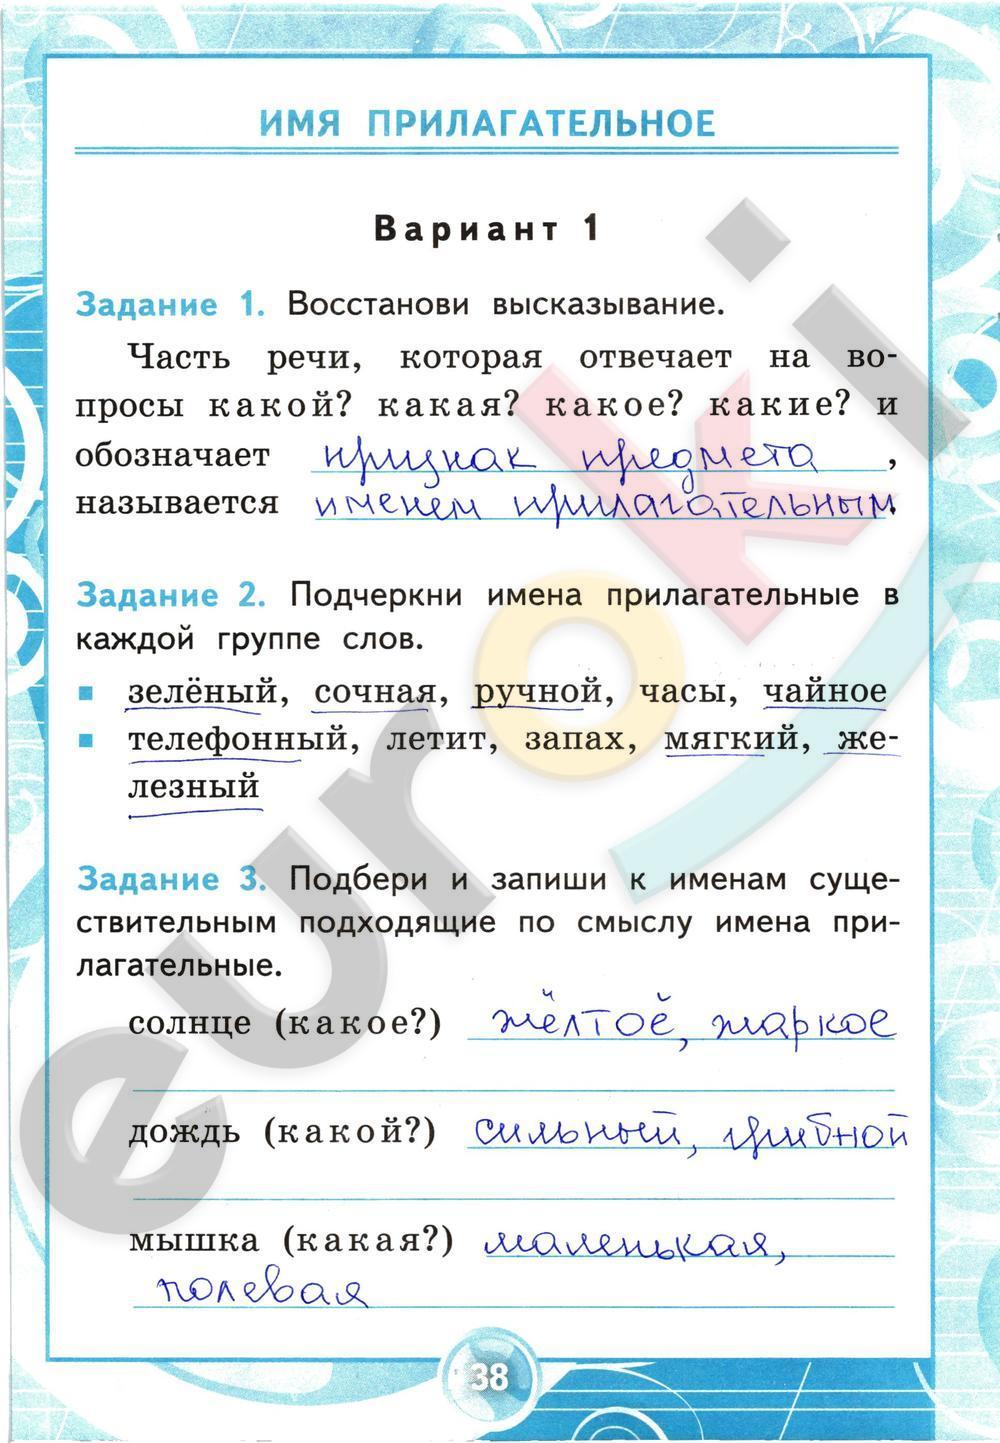 Гдз к контрольным работам по русскому языку 2 класс крылова часть 1